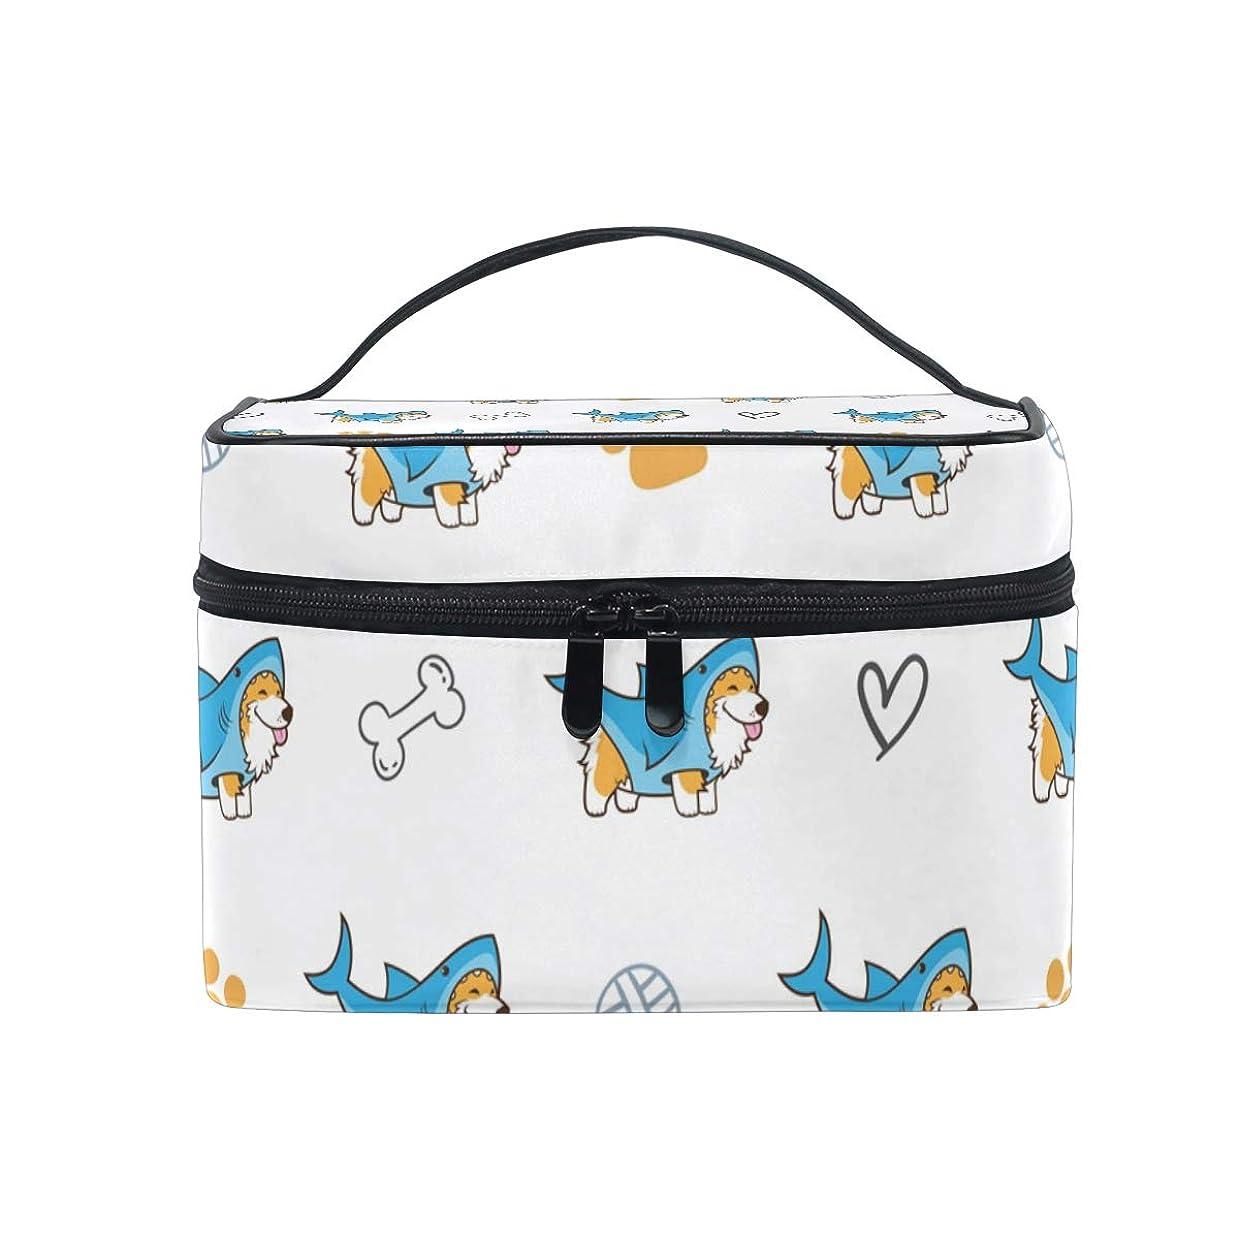 ポーンハグ非アクティブメイクボックス 子犬コーギー犬柄 化粧ポーチ 化粧品 化粧道具 小物入れ メイクブラシバッグ 大容量 旅行用 収納ケース